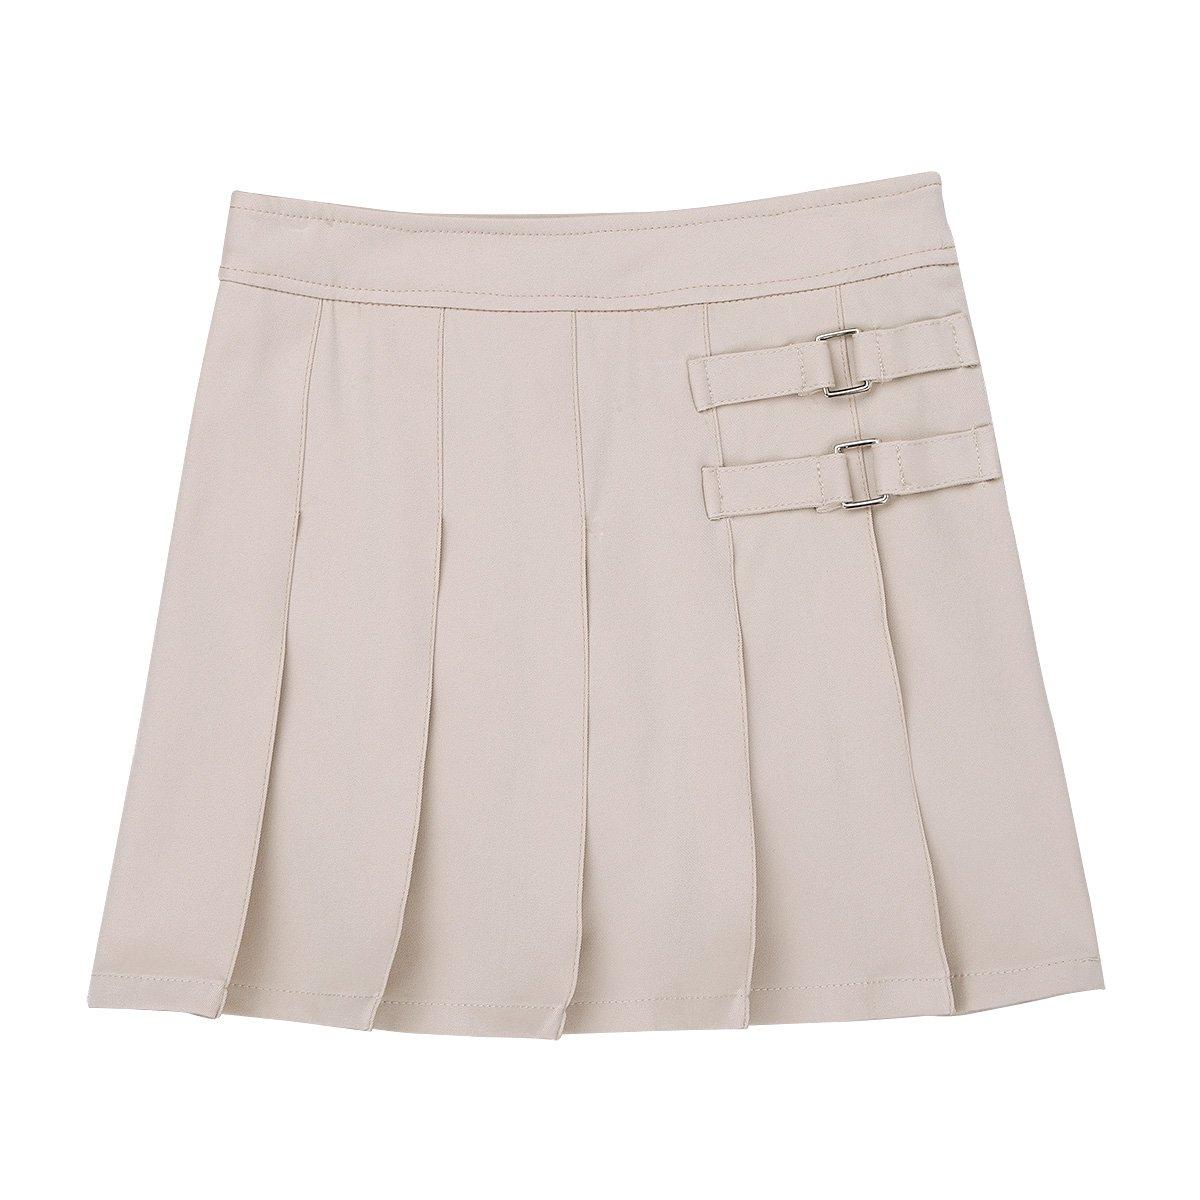 Freebily Kids Girls' Two-Tab Pleated Side Zipper Buttons Scooter School Uniform Skirt Khaki 5